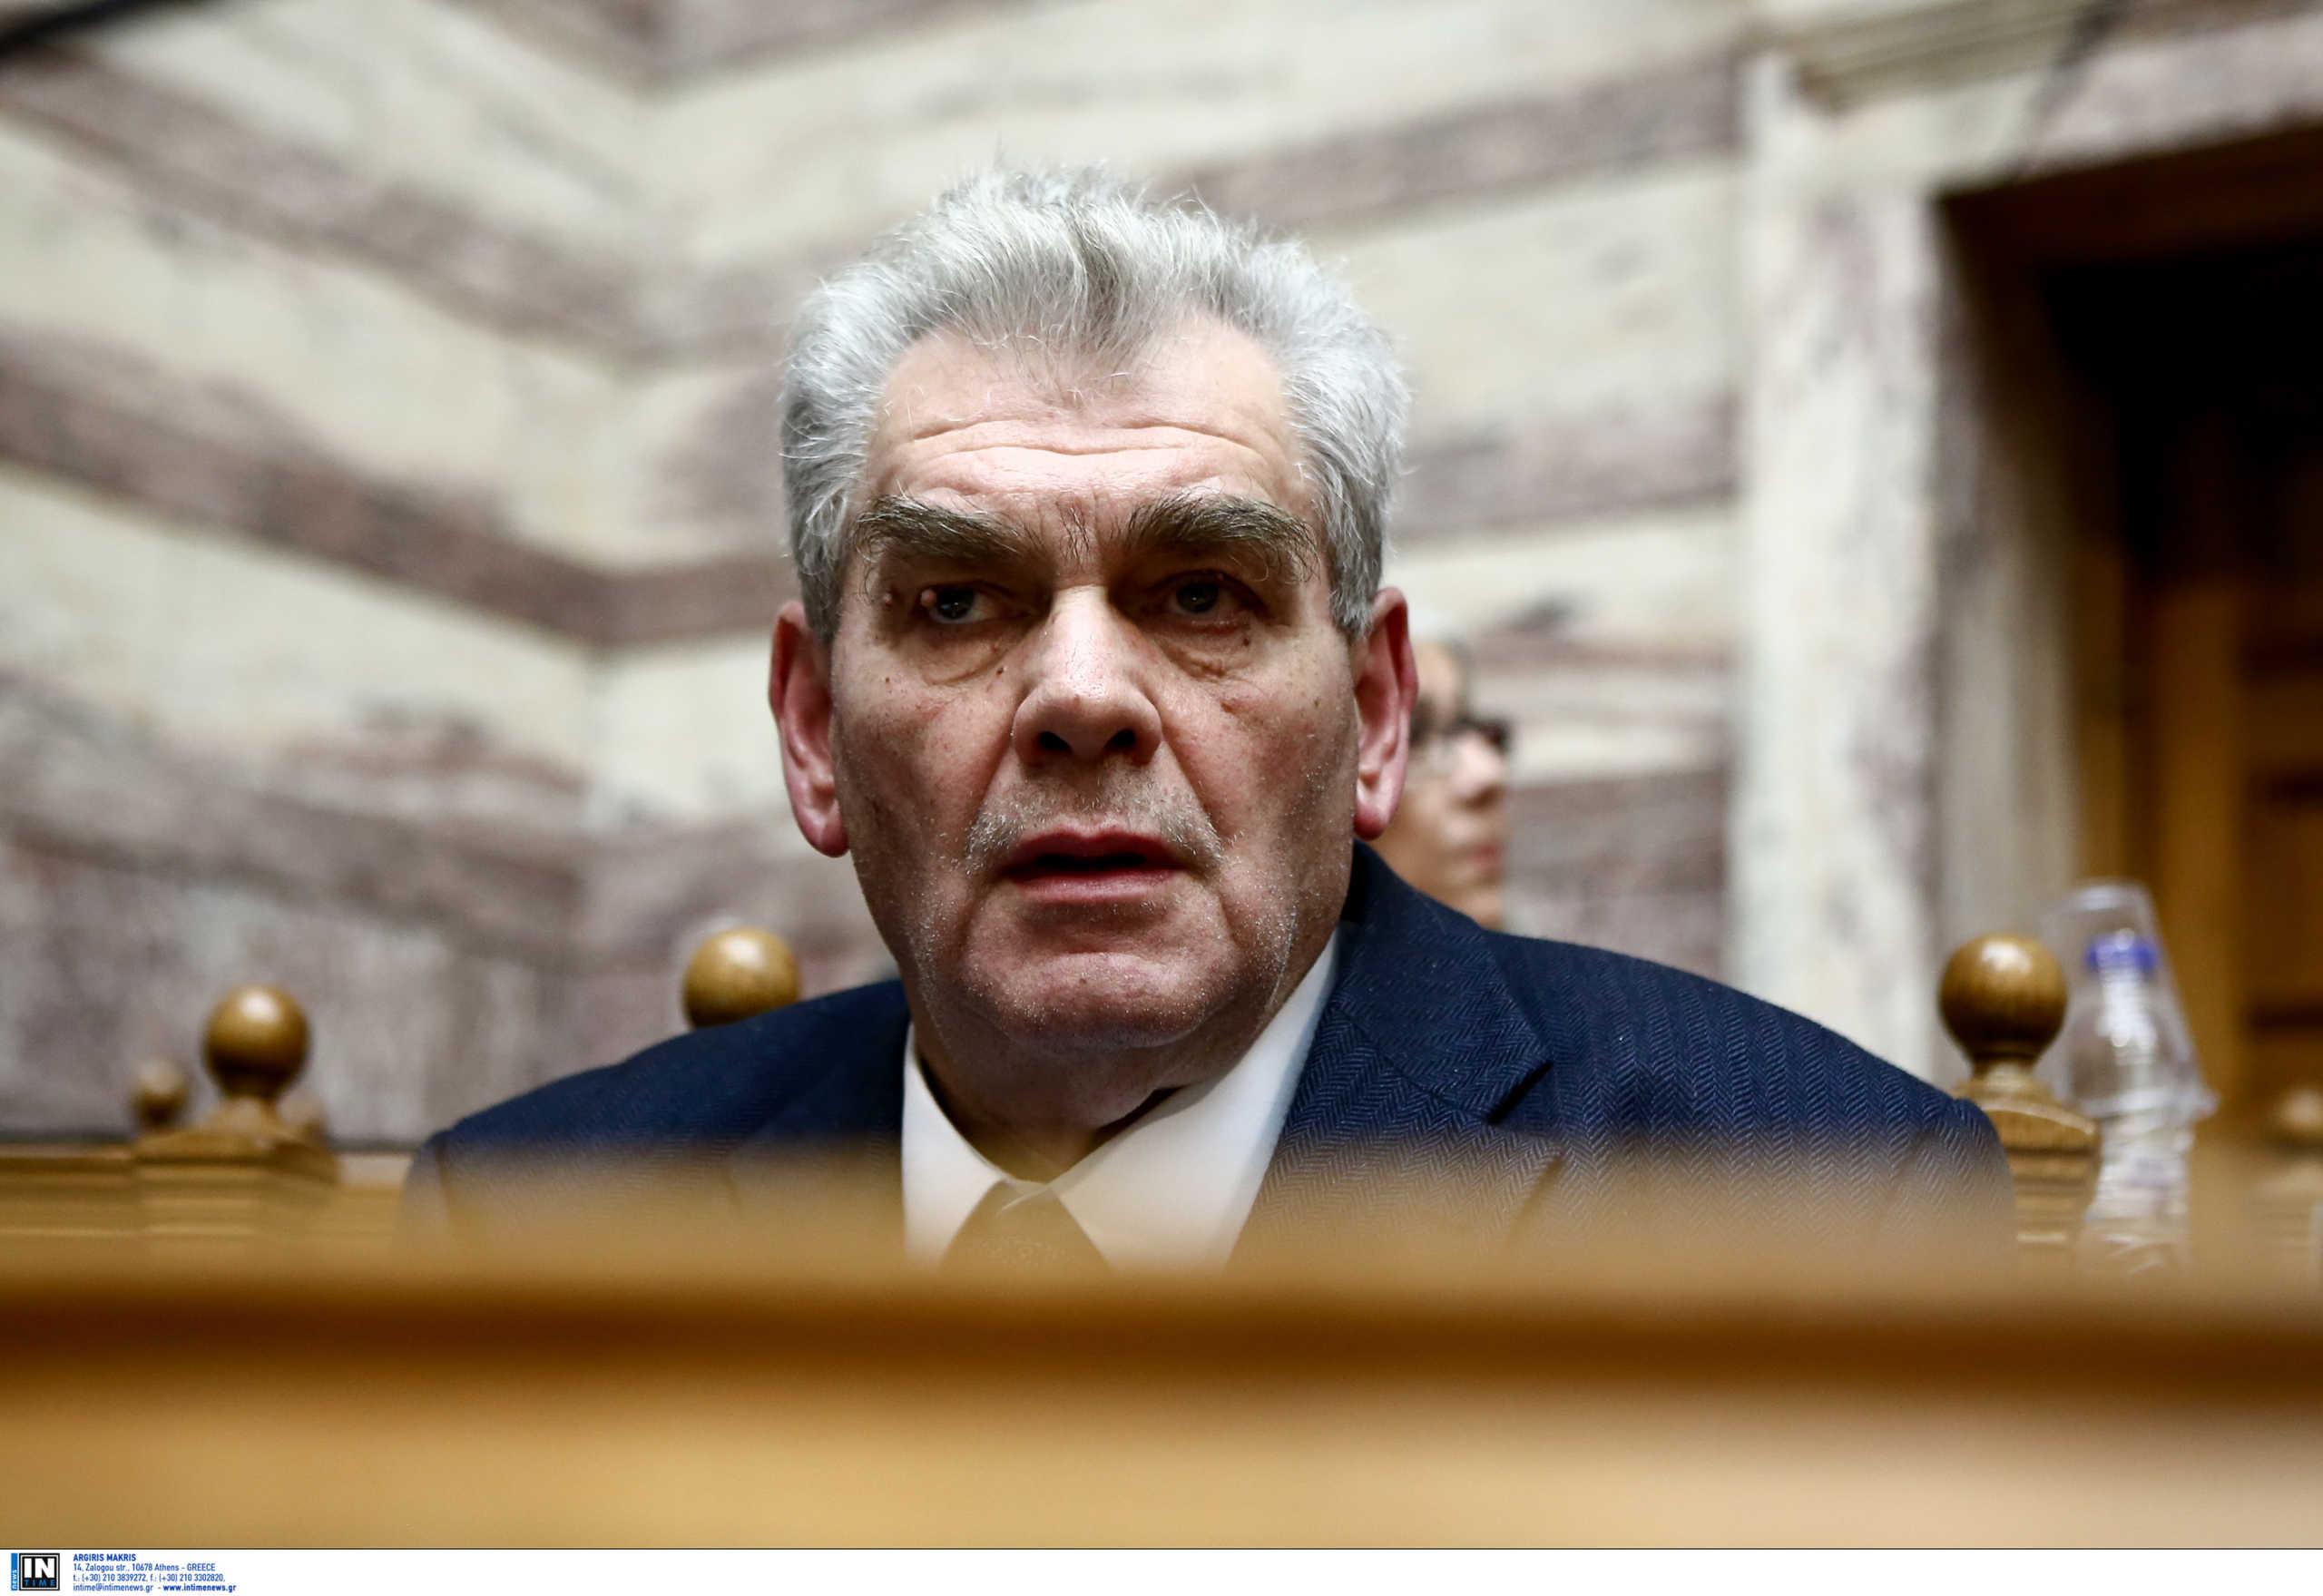 Παπαγγελόπουλος: Αρχίζει η ανάκριση για τον πρώην υπουργό στον Άρειο Πάγο